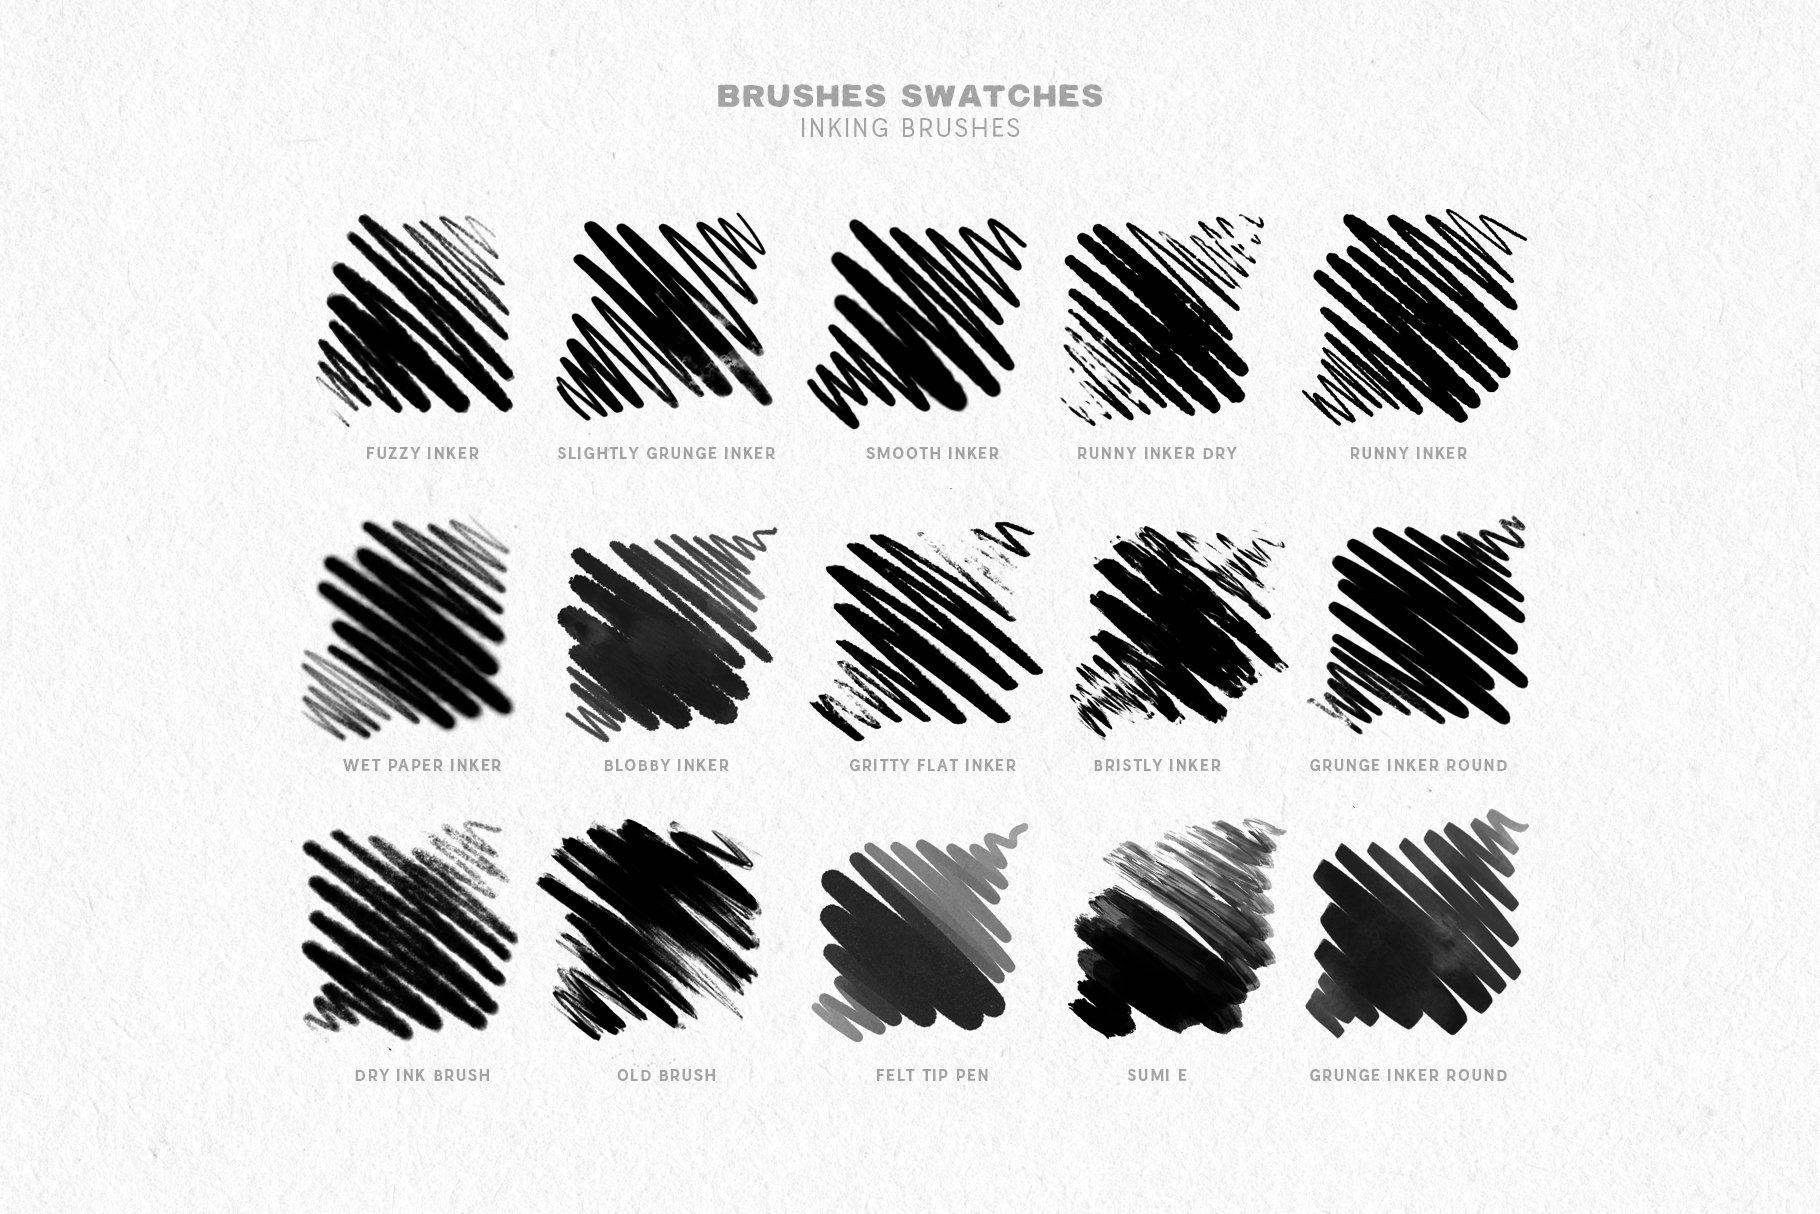 27款墨水阴影点状线条效果绘画画笔Procreate笔刷 Inktober Procreate Brushes插图(4)